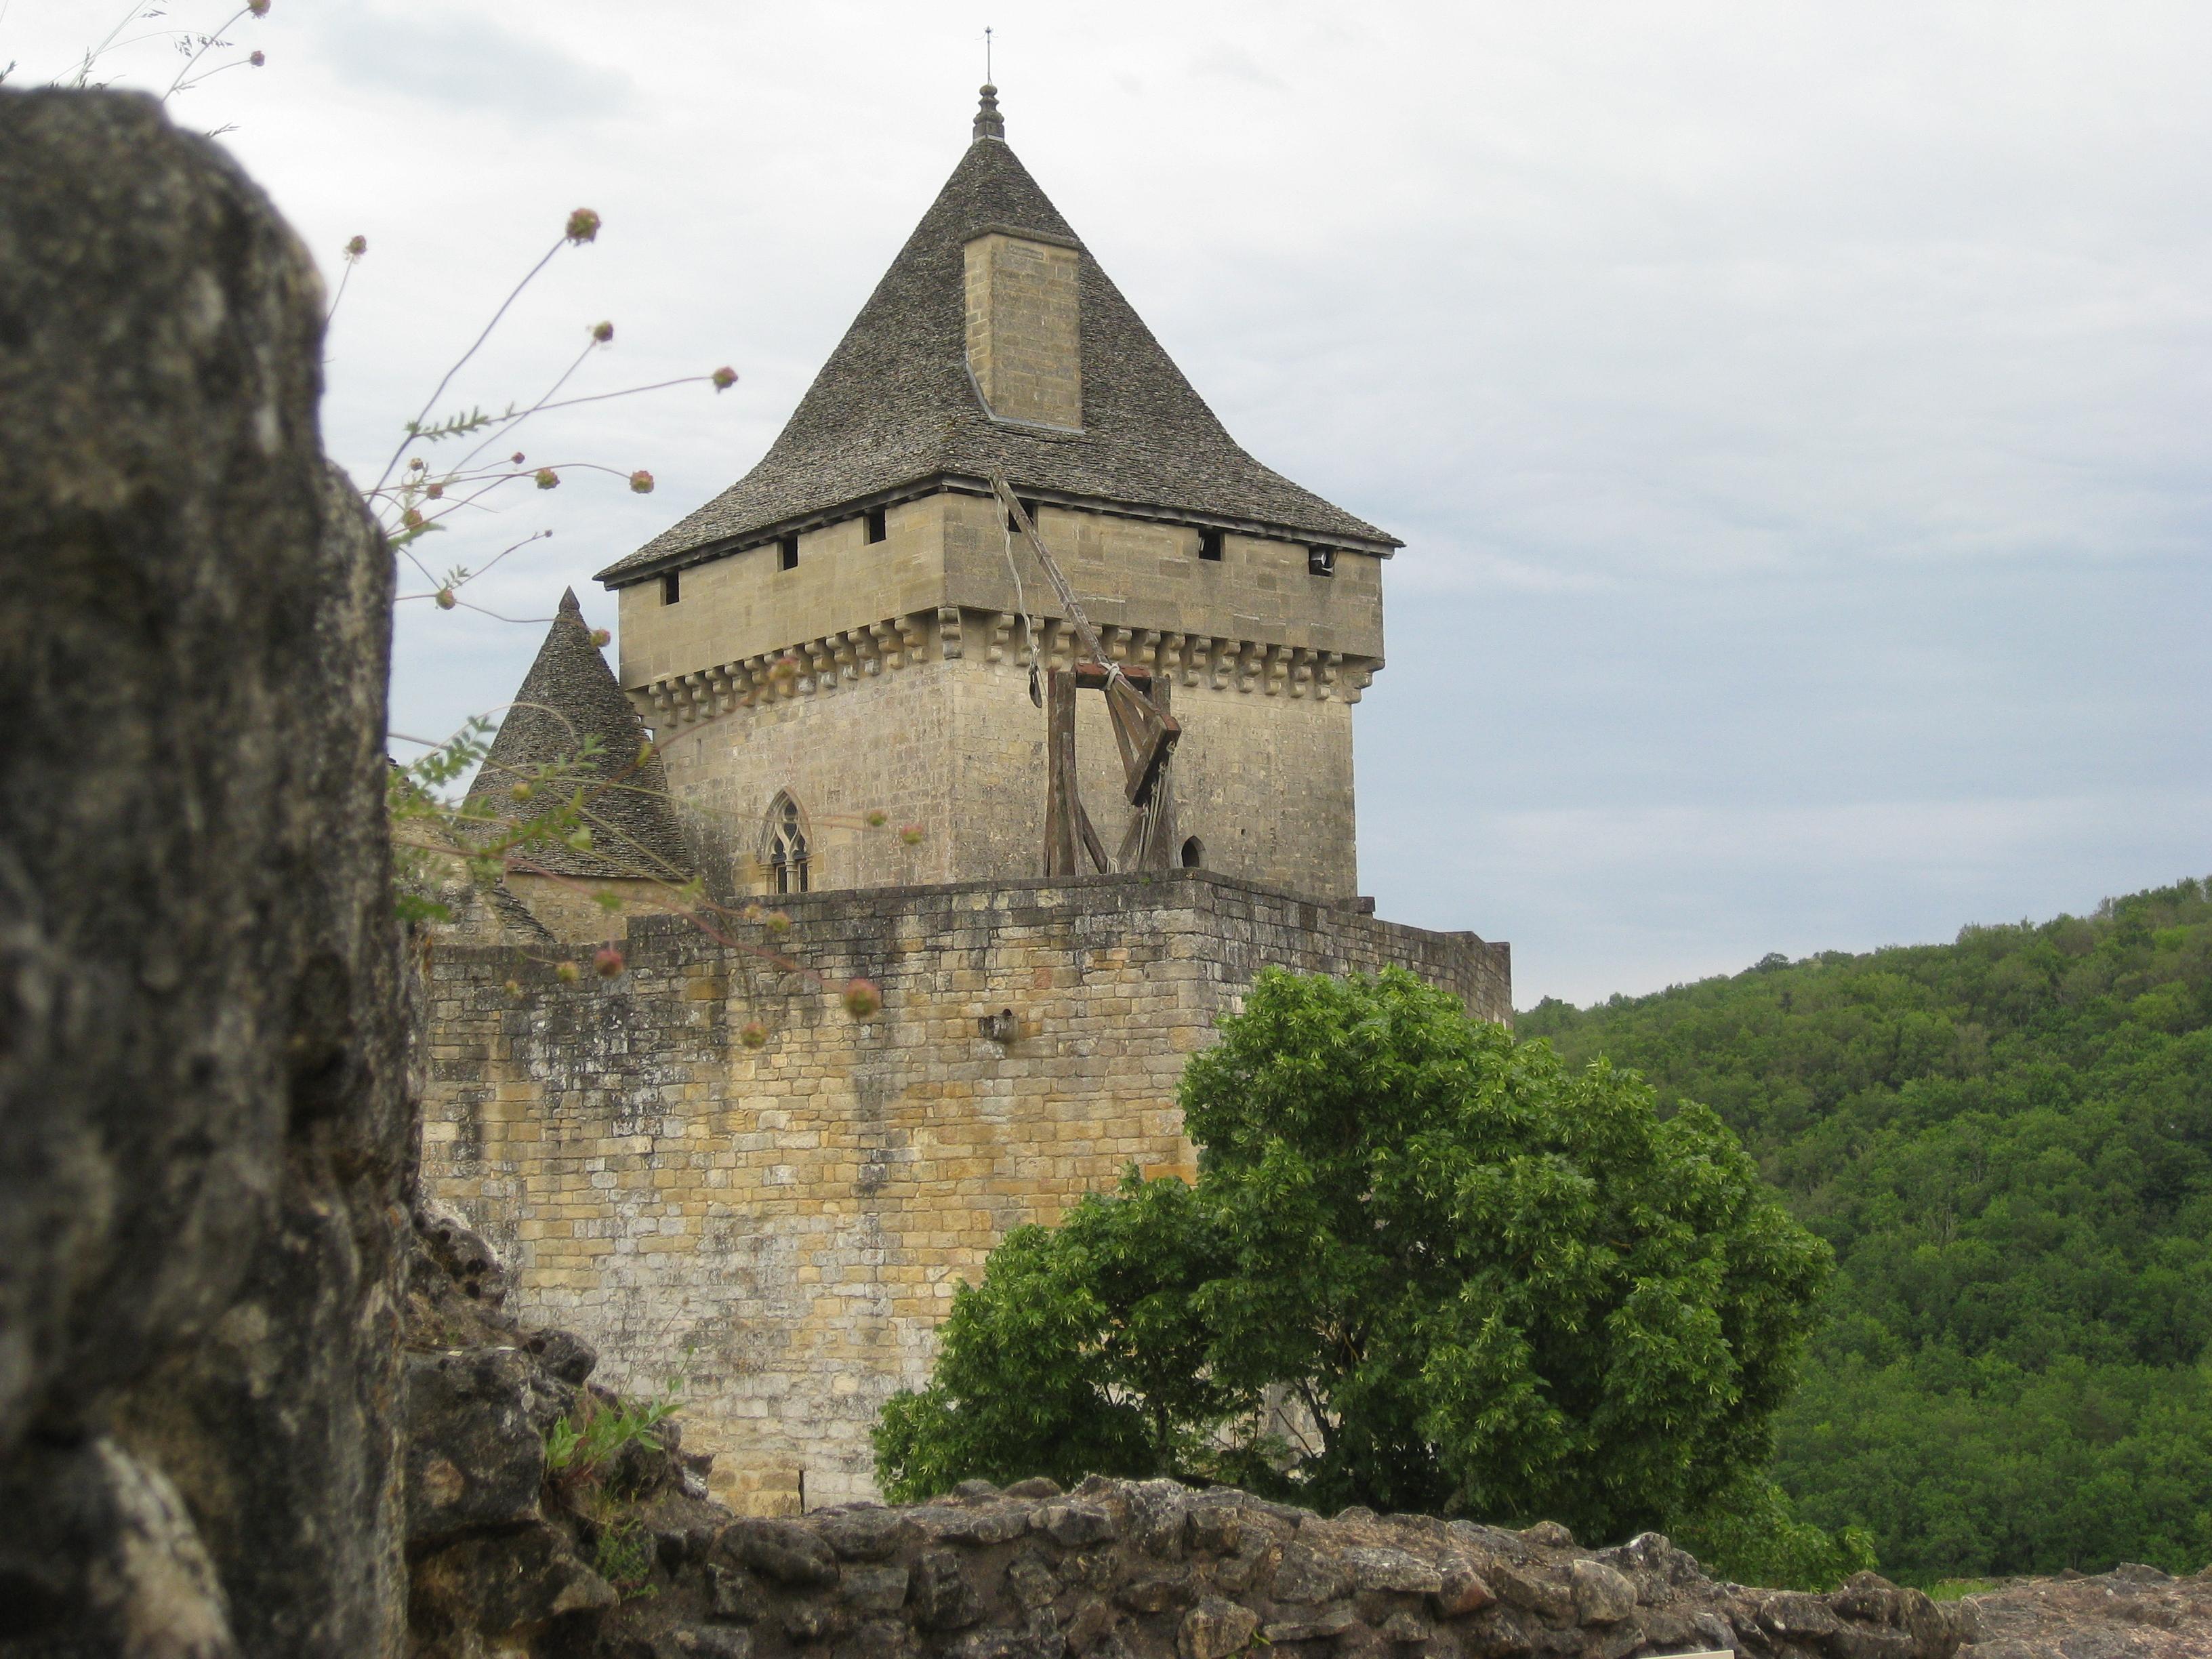 Château_de_Castelnaud_-_KFilhoulaud_(1).